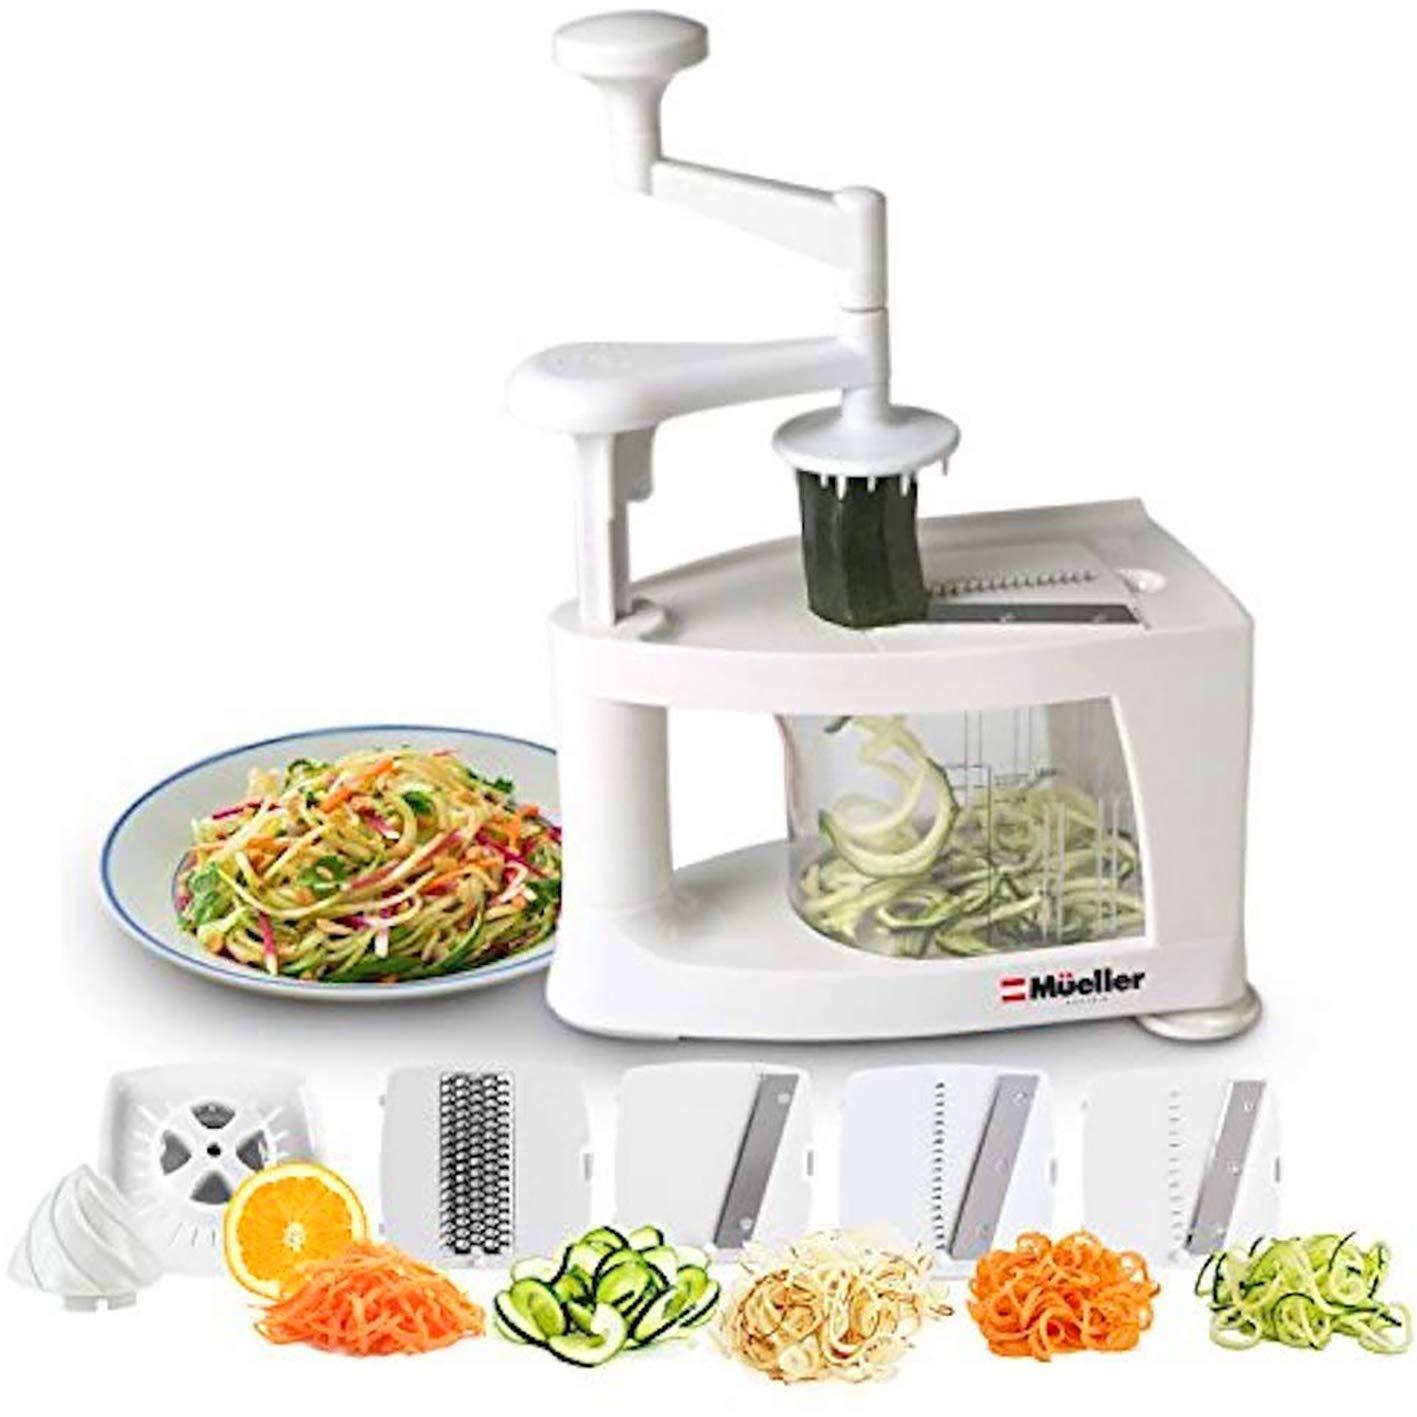 Mueller Spiral-Ultra 4-Blade Spiralizer, 8 into 1 Spiral Slicer, Heavy Duty Vegetable Pasta Maker and Mandoline Slicer for Low Carb/Paleo/Gluten-Free Meals